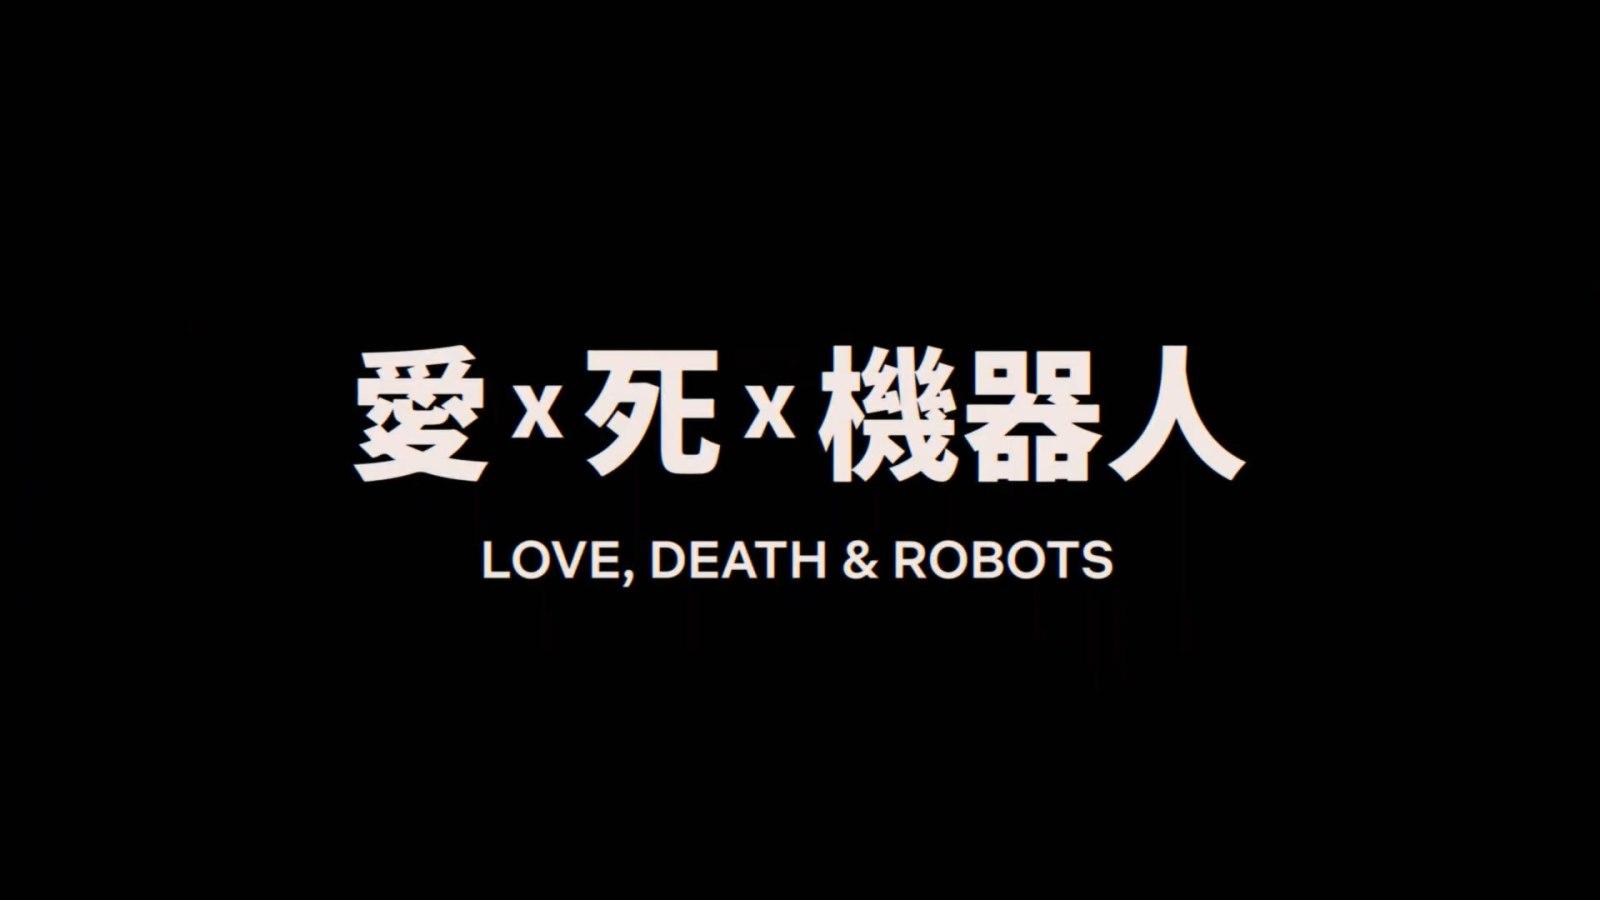 《爱,死亡和机器人》第二季正式预告公布,将于5月14日登陆Netflix